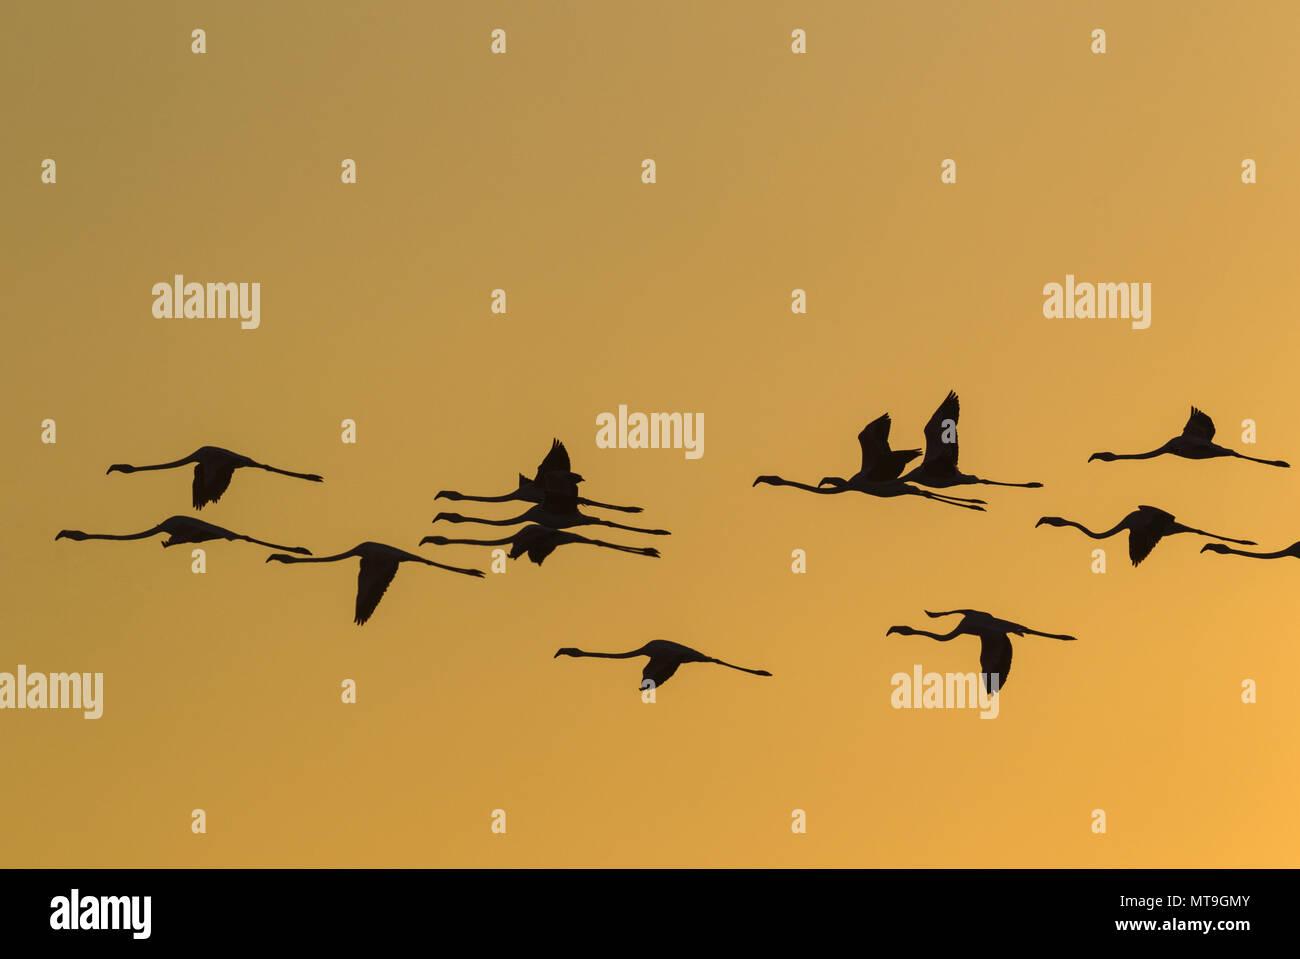 Fenicottero maggiore (Phoenicopterus roseus). Volare al tramonto presso la Laguna de Fuente de Piedra vicino alla città di Antequera. Questo è il più grande lago naturale in Andalusia e in Europa è solo la navigazione terreno fertile per questa specie. Provincia di Malaga, Andalusia, Spagna. Immagini Stock